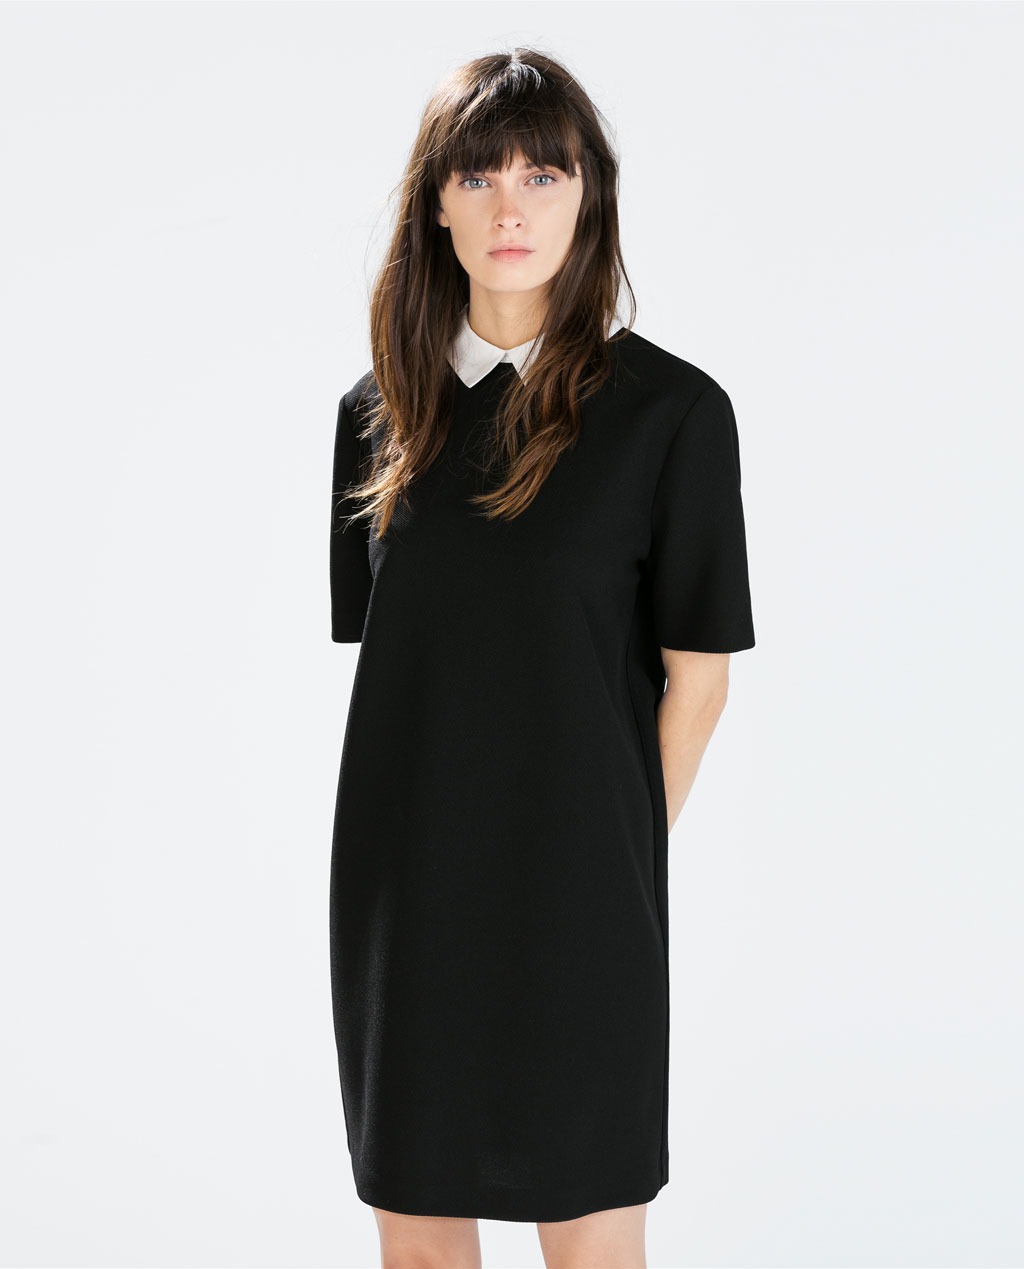 http://www.zara.com/es/es/mujer/vestidos/vestido-cuello-popel%C3%ADn-c269185p2291541.html